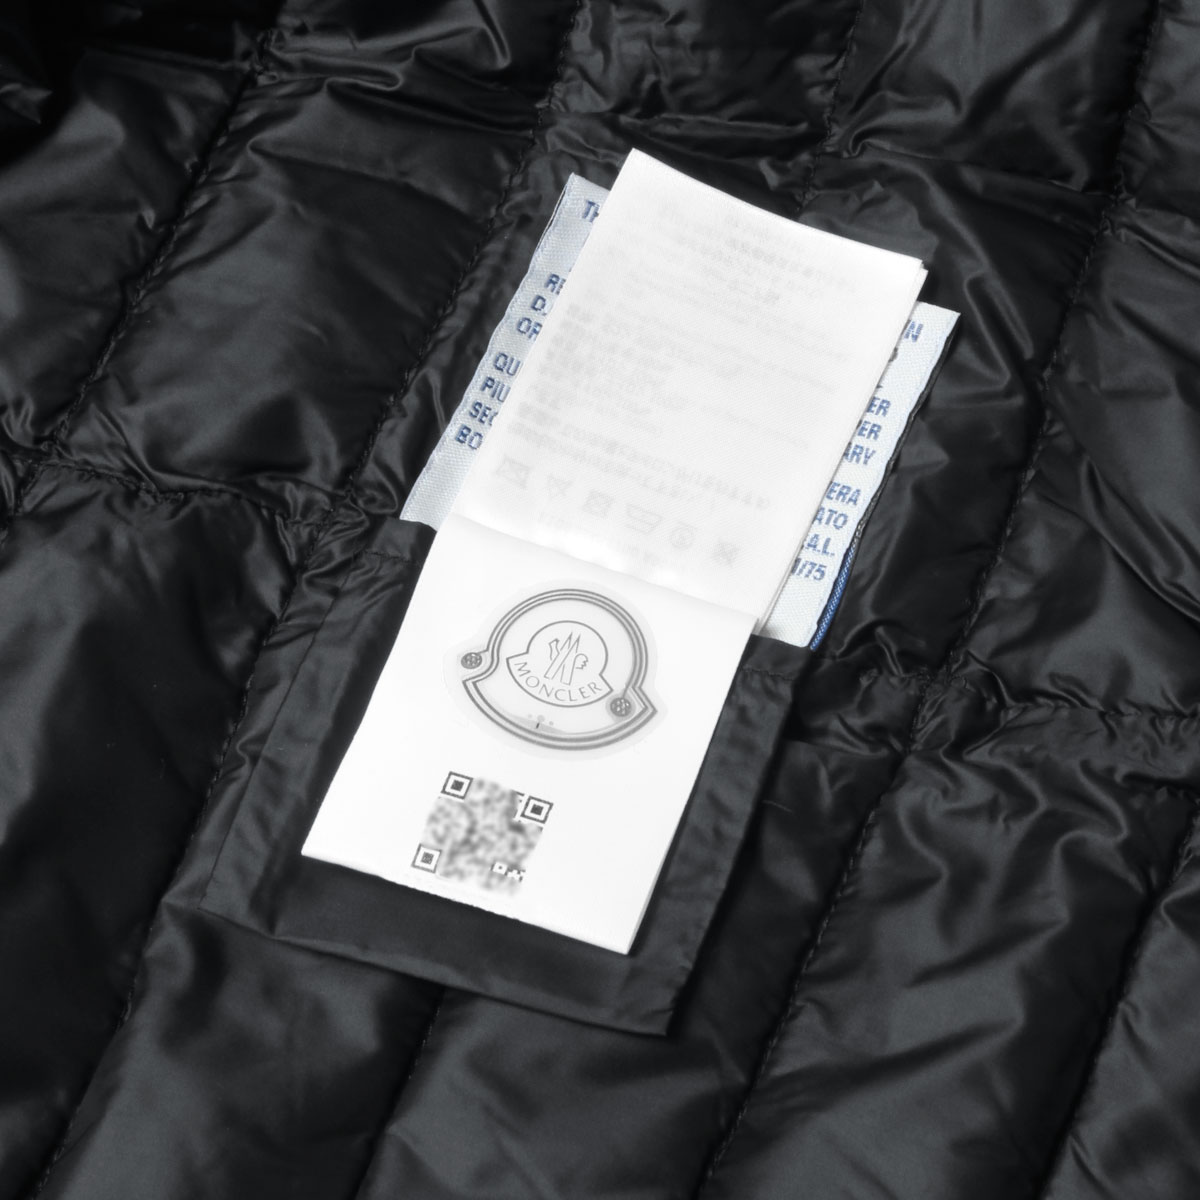 モンクレール MONCLER ブルゾン レディース 9454700 A9000 999 ダウンコンビブルゾン BLACK ブラックhCxdQrts